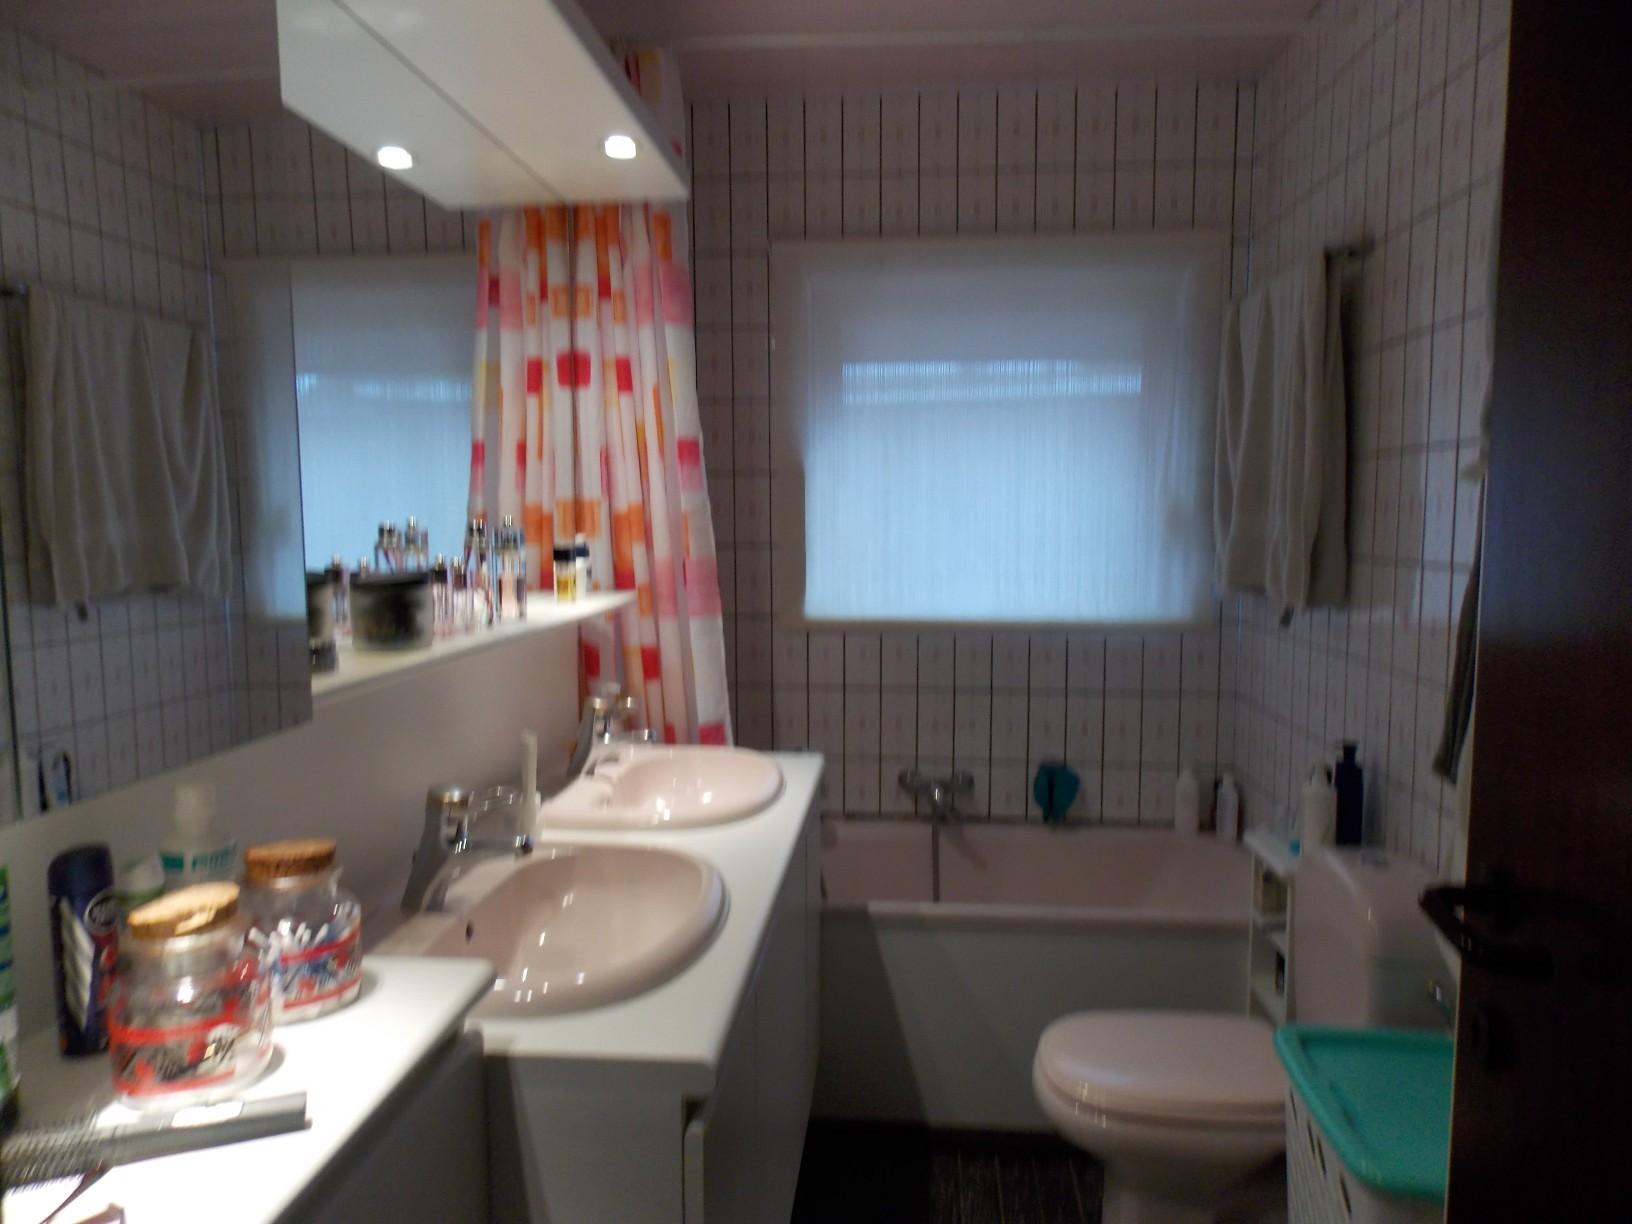 Paepens u2013 badkamer jaren 70 u2013 het bad diende te worden vervangen